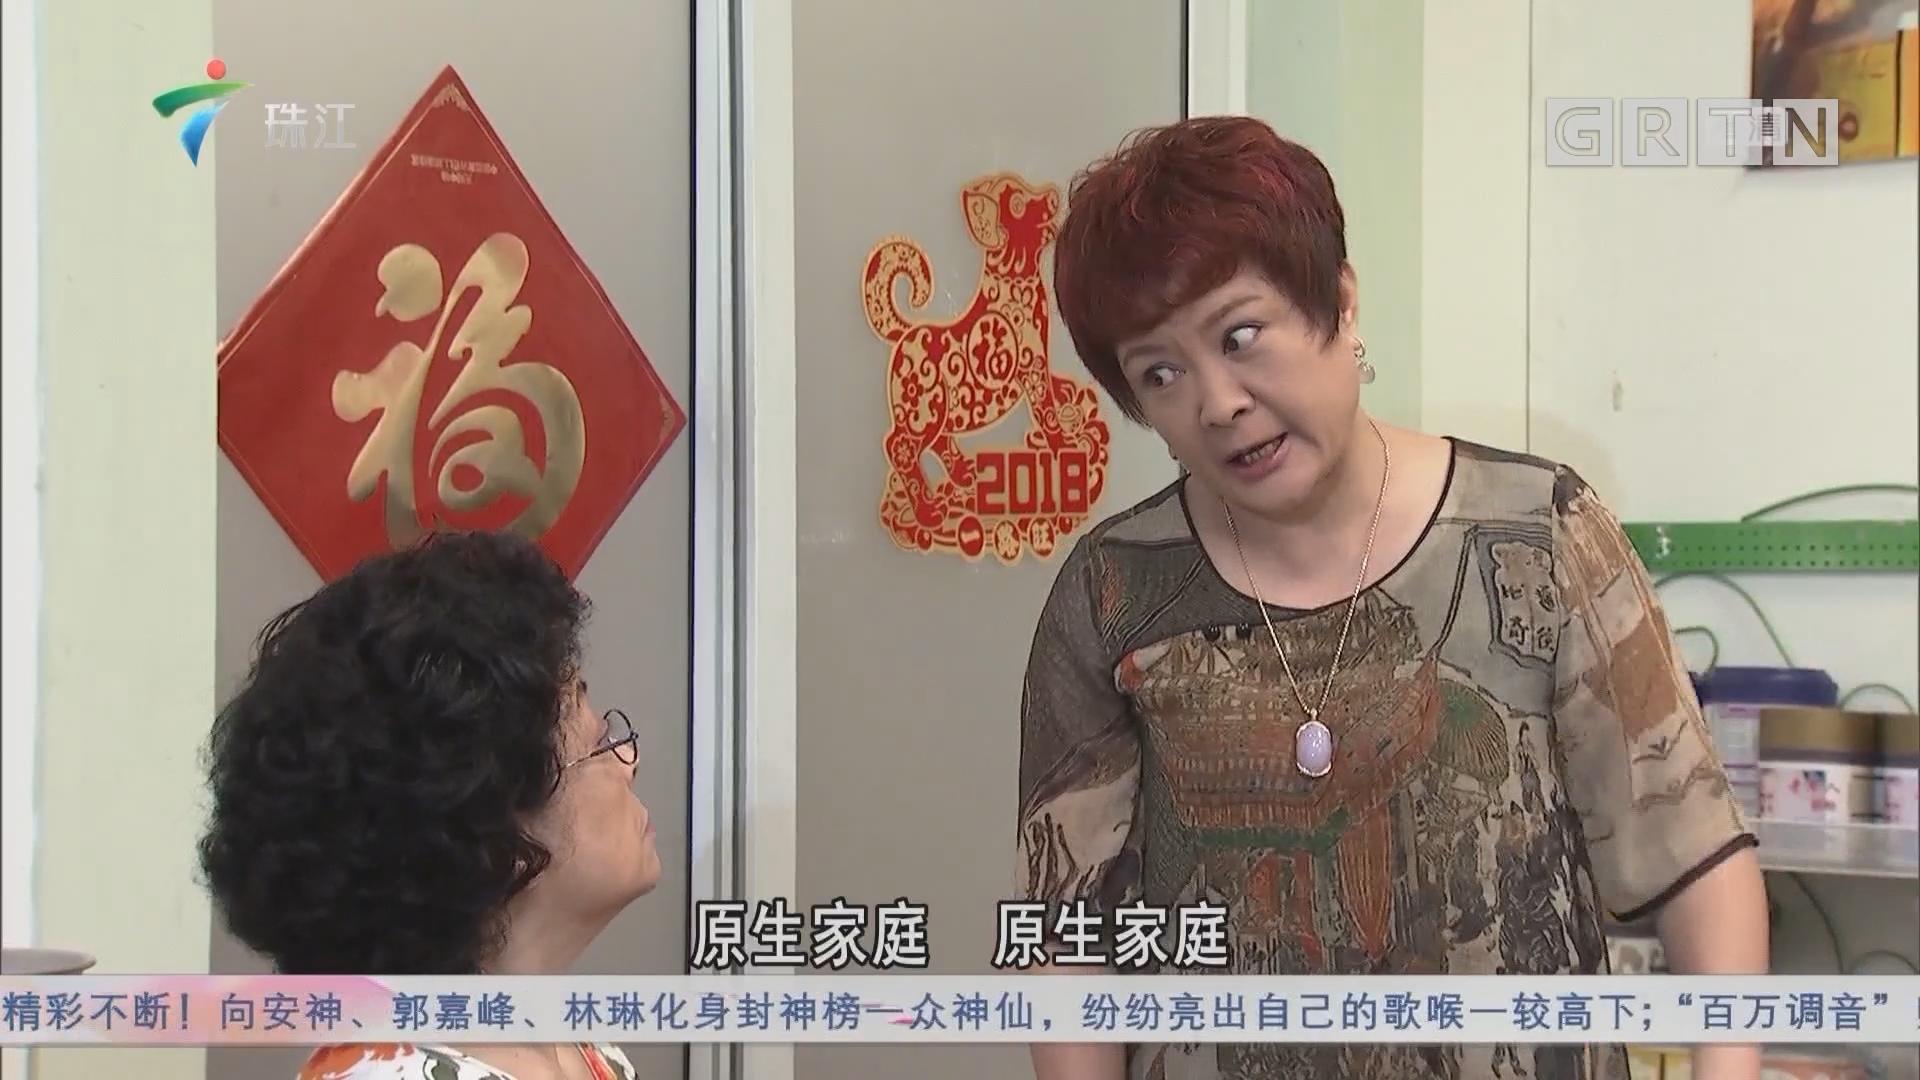 [HD][2018-11-17]外来媳妇本地郎:原生家庭的故事(下)